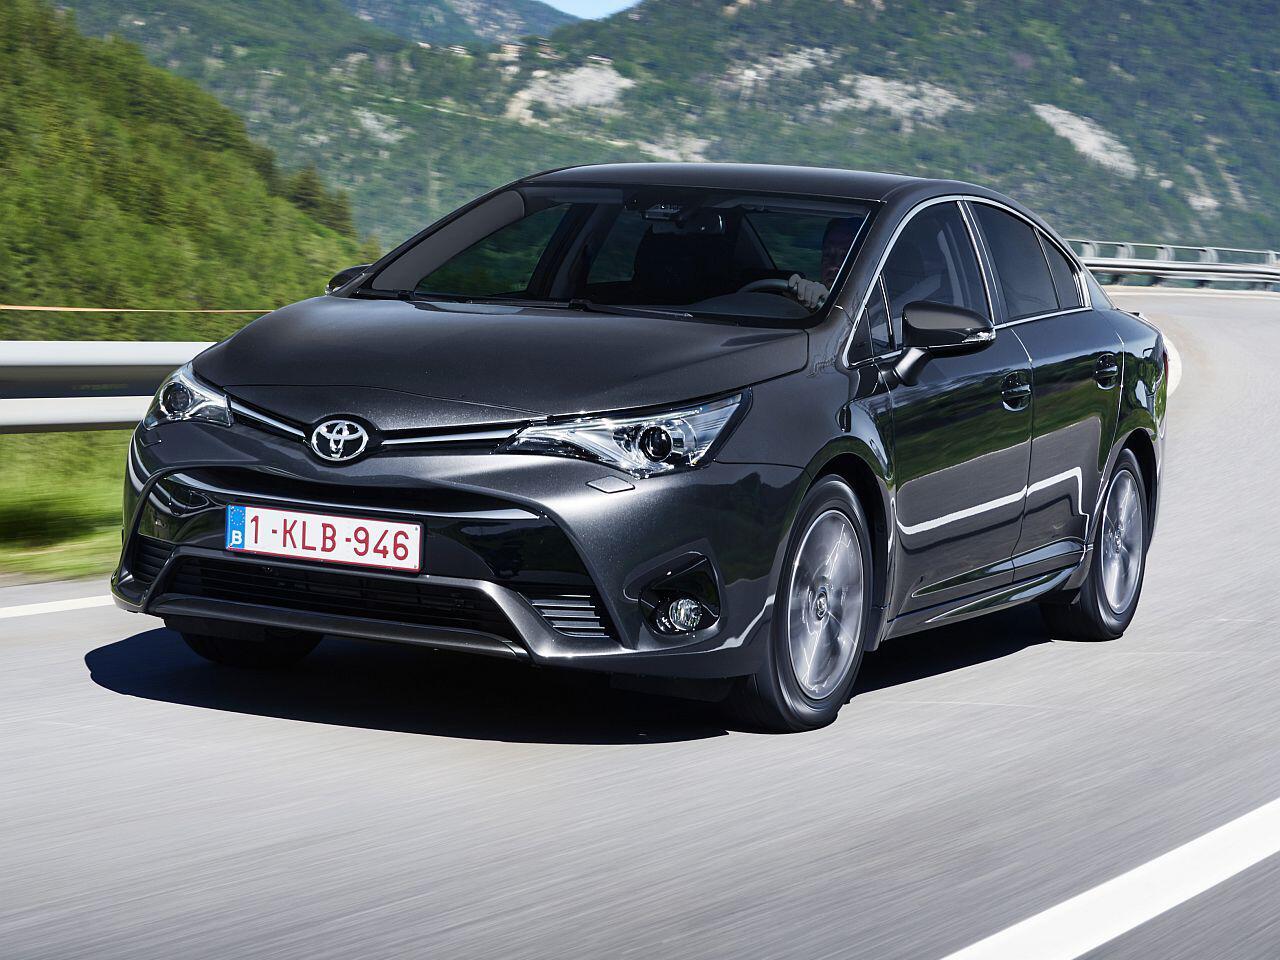 Bild zu Platz 10: Toyota Avensis